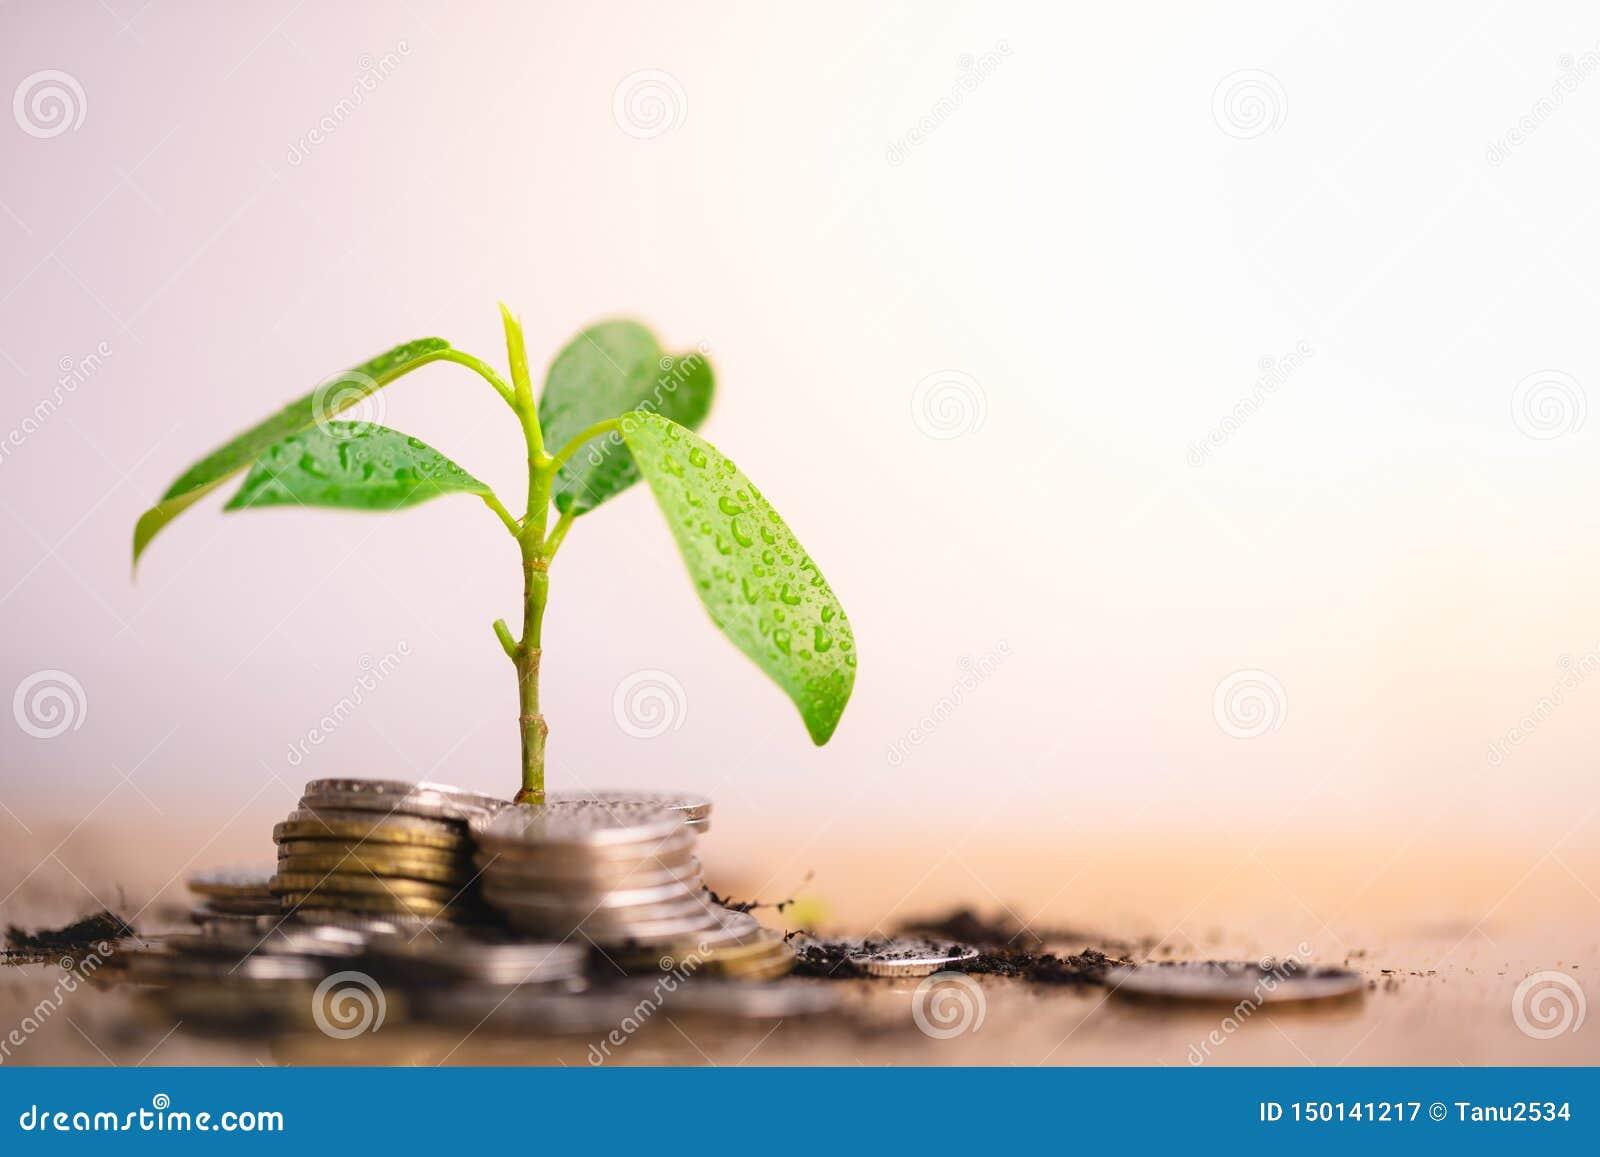 Το νέο φυτό αυξάνονται και ο σωρός νομισμάτων